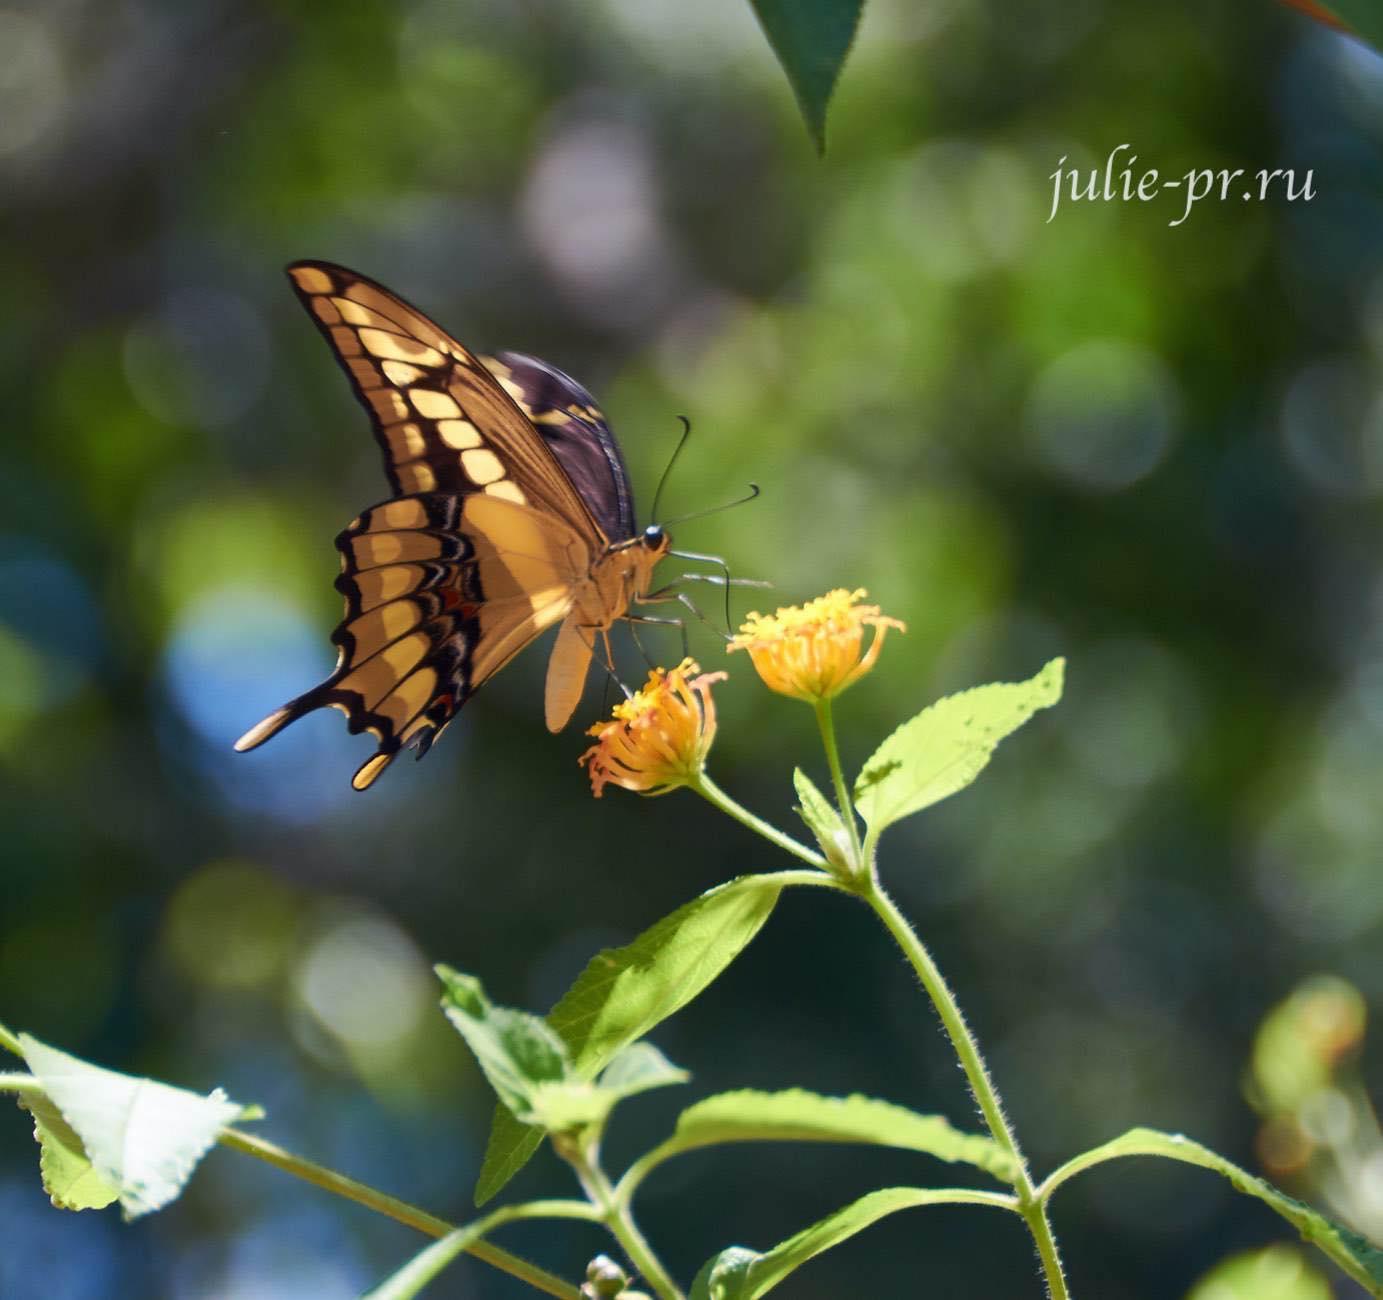 Аргентина, Игуасу, бабочка